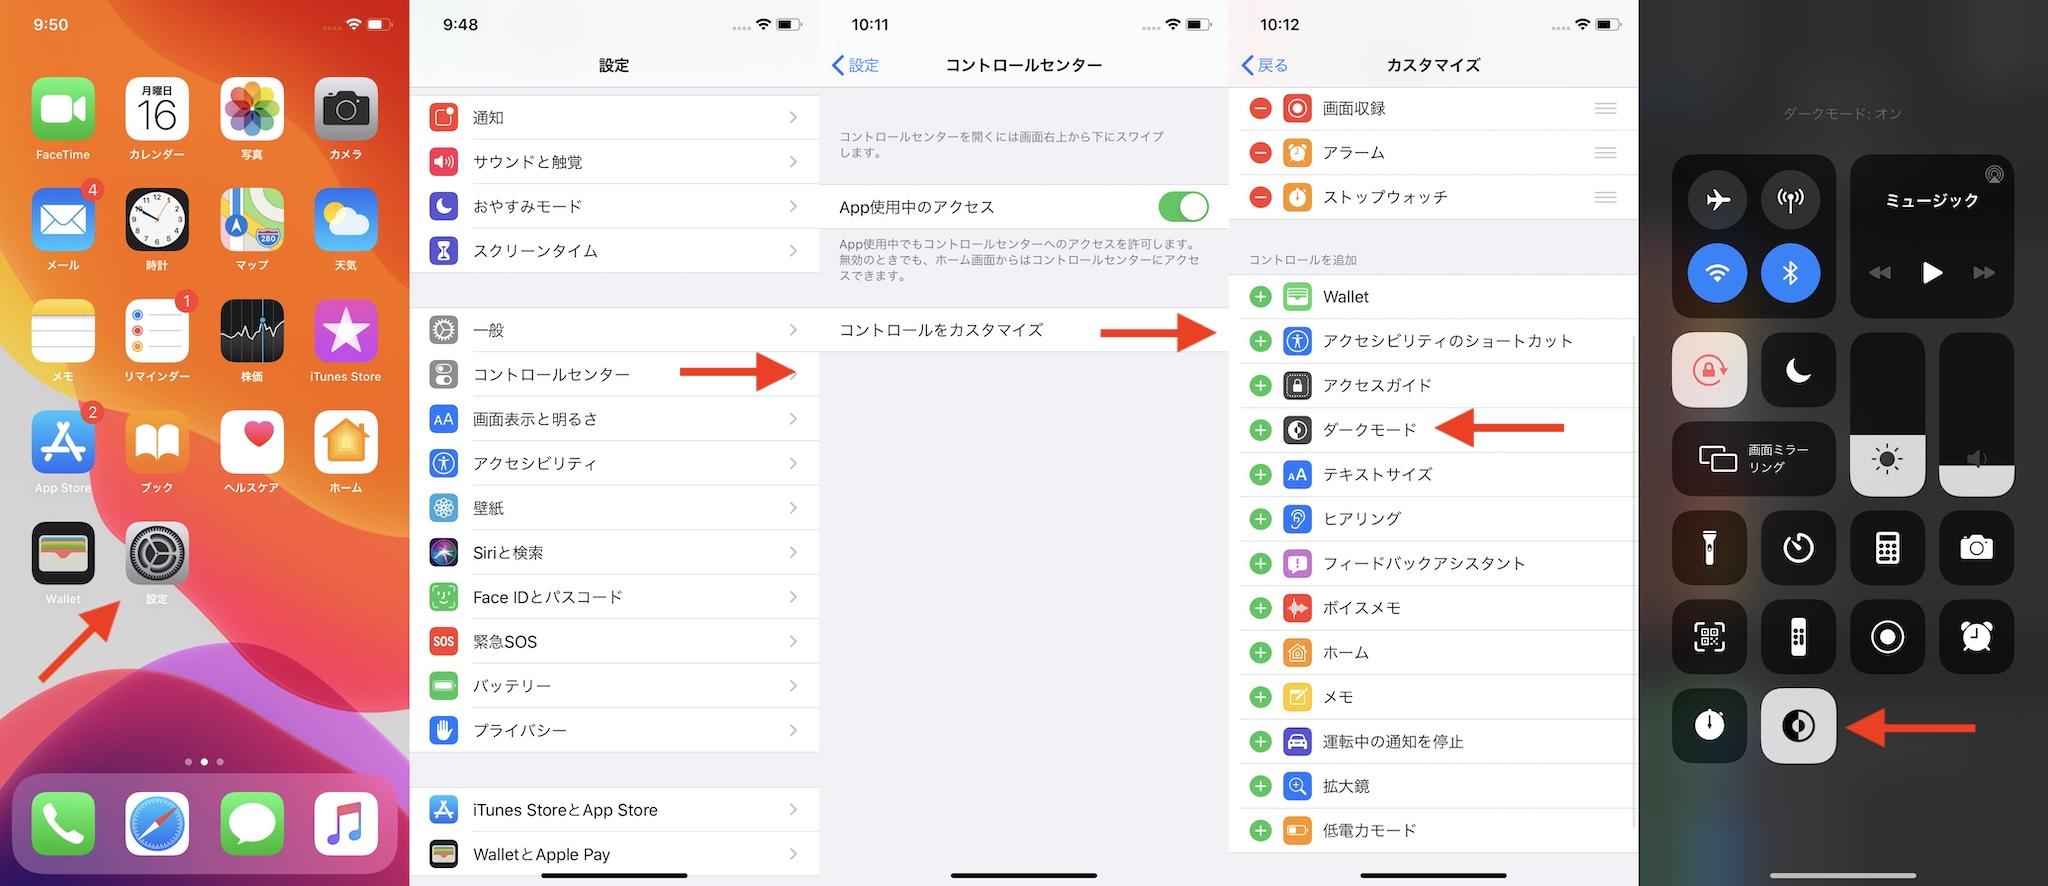 iOS 13で素早くライトとダークモードを切り替える